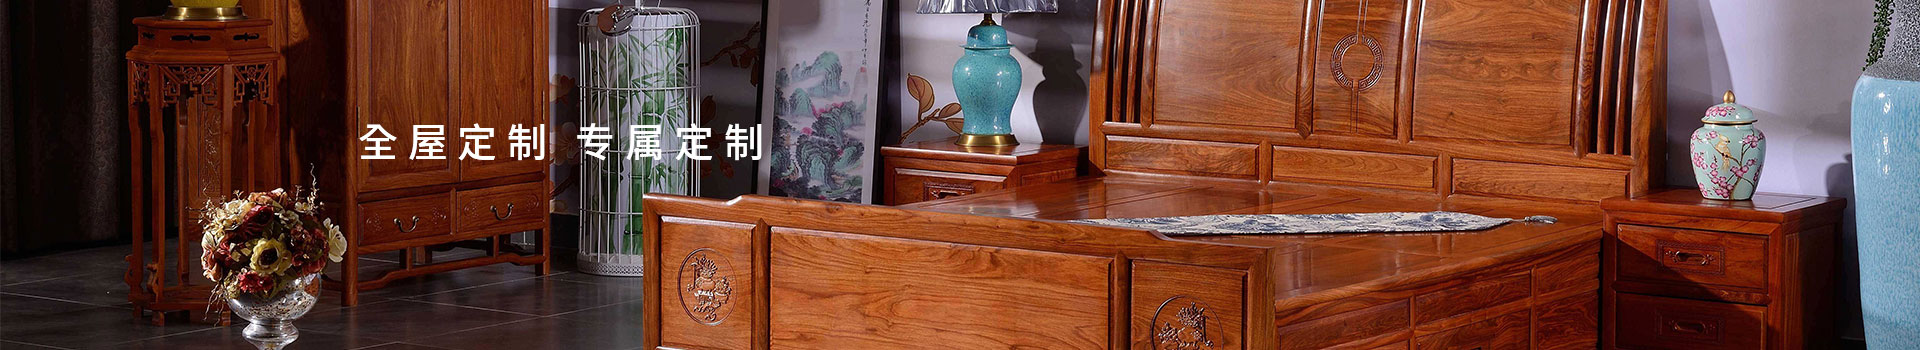 湖北中式家具